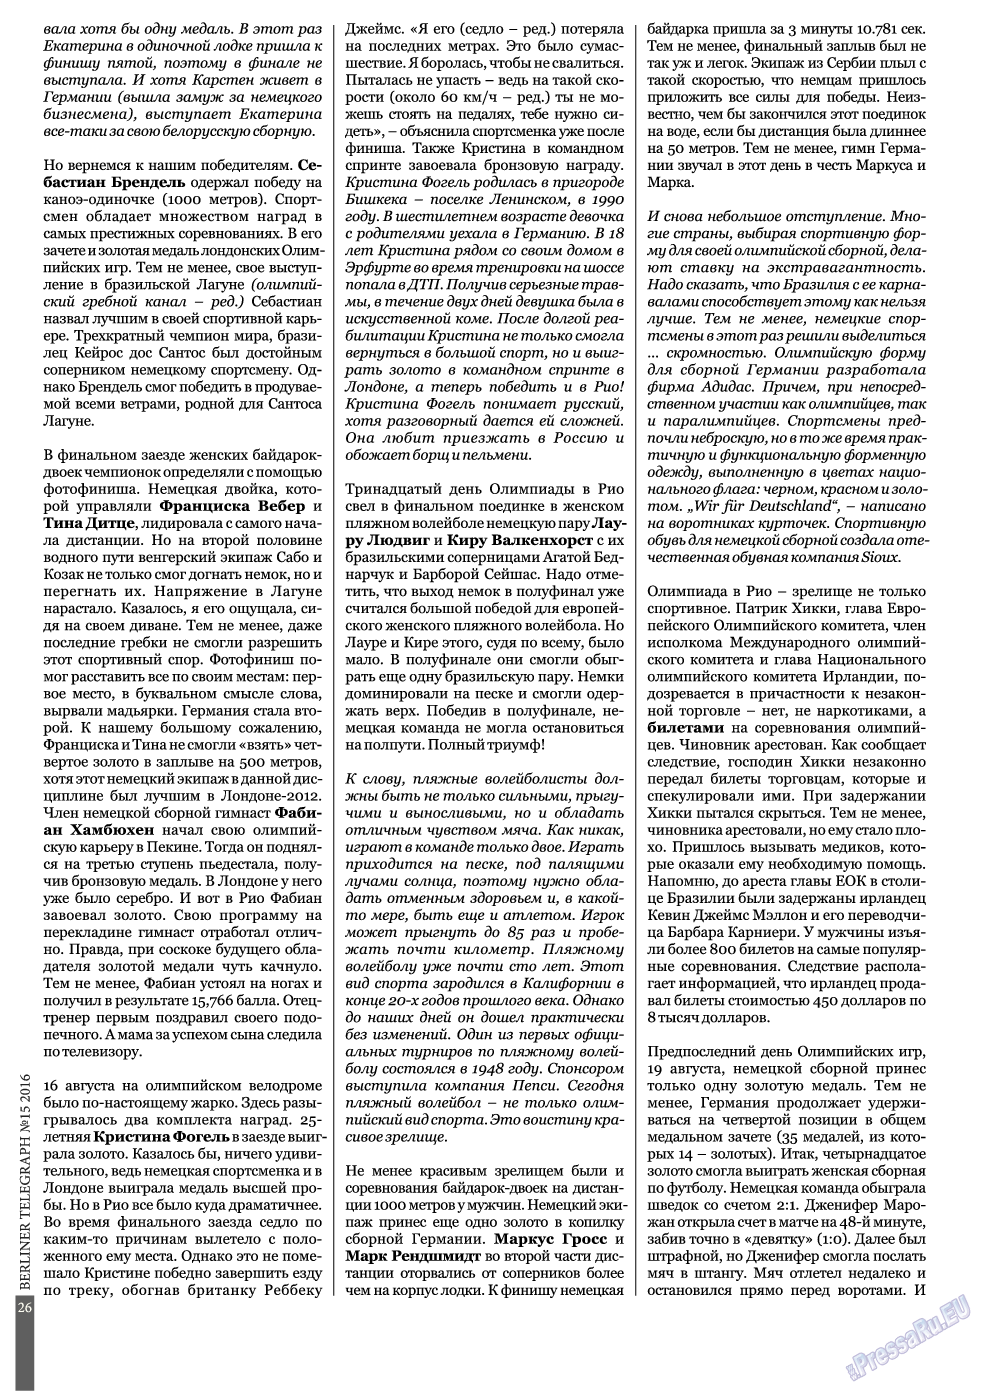 Берлинский телеграф (журнал). 2016 год, номер 15, стр. 26